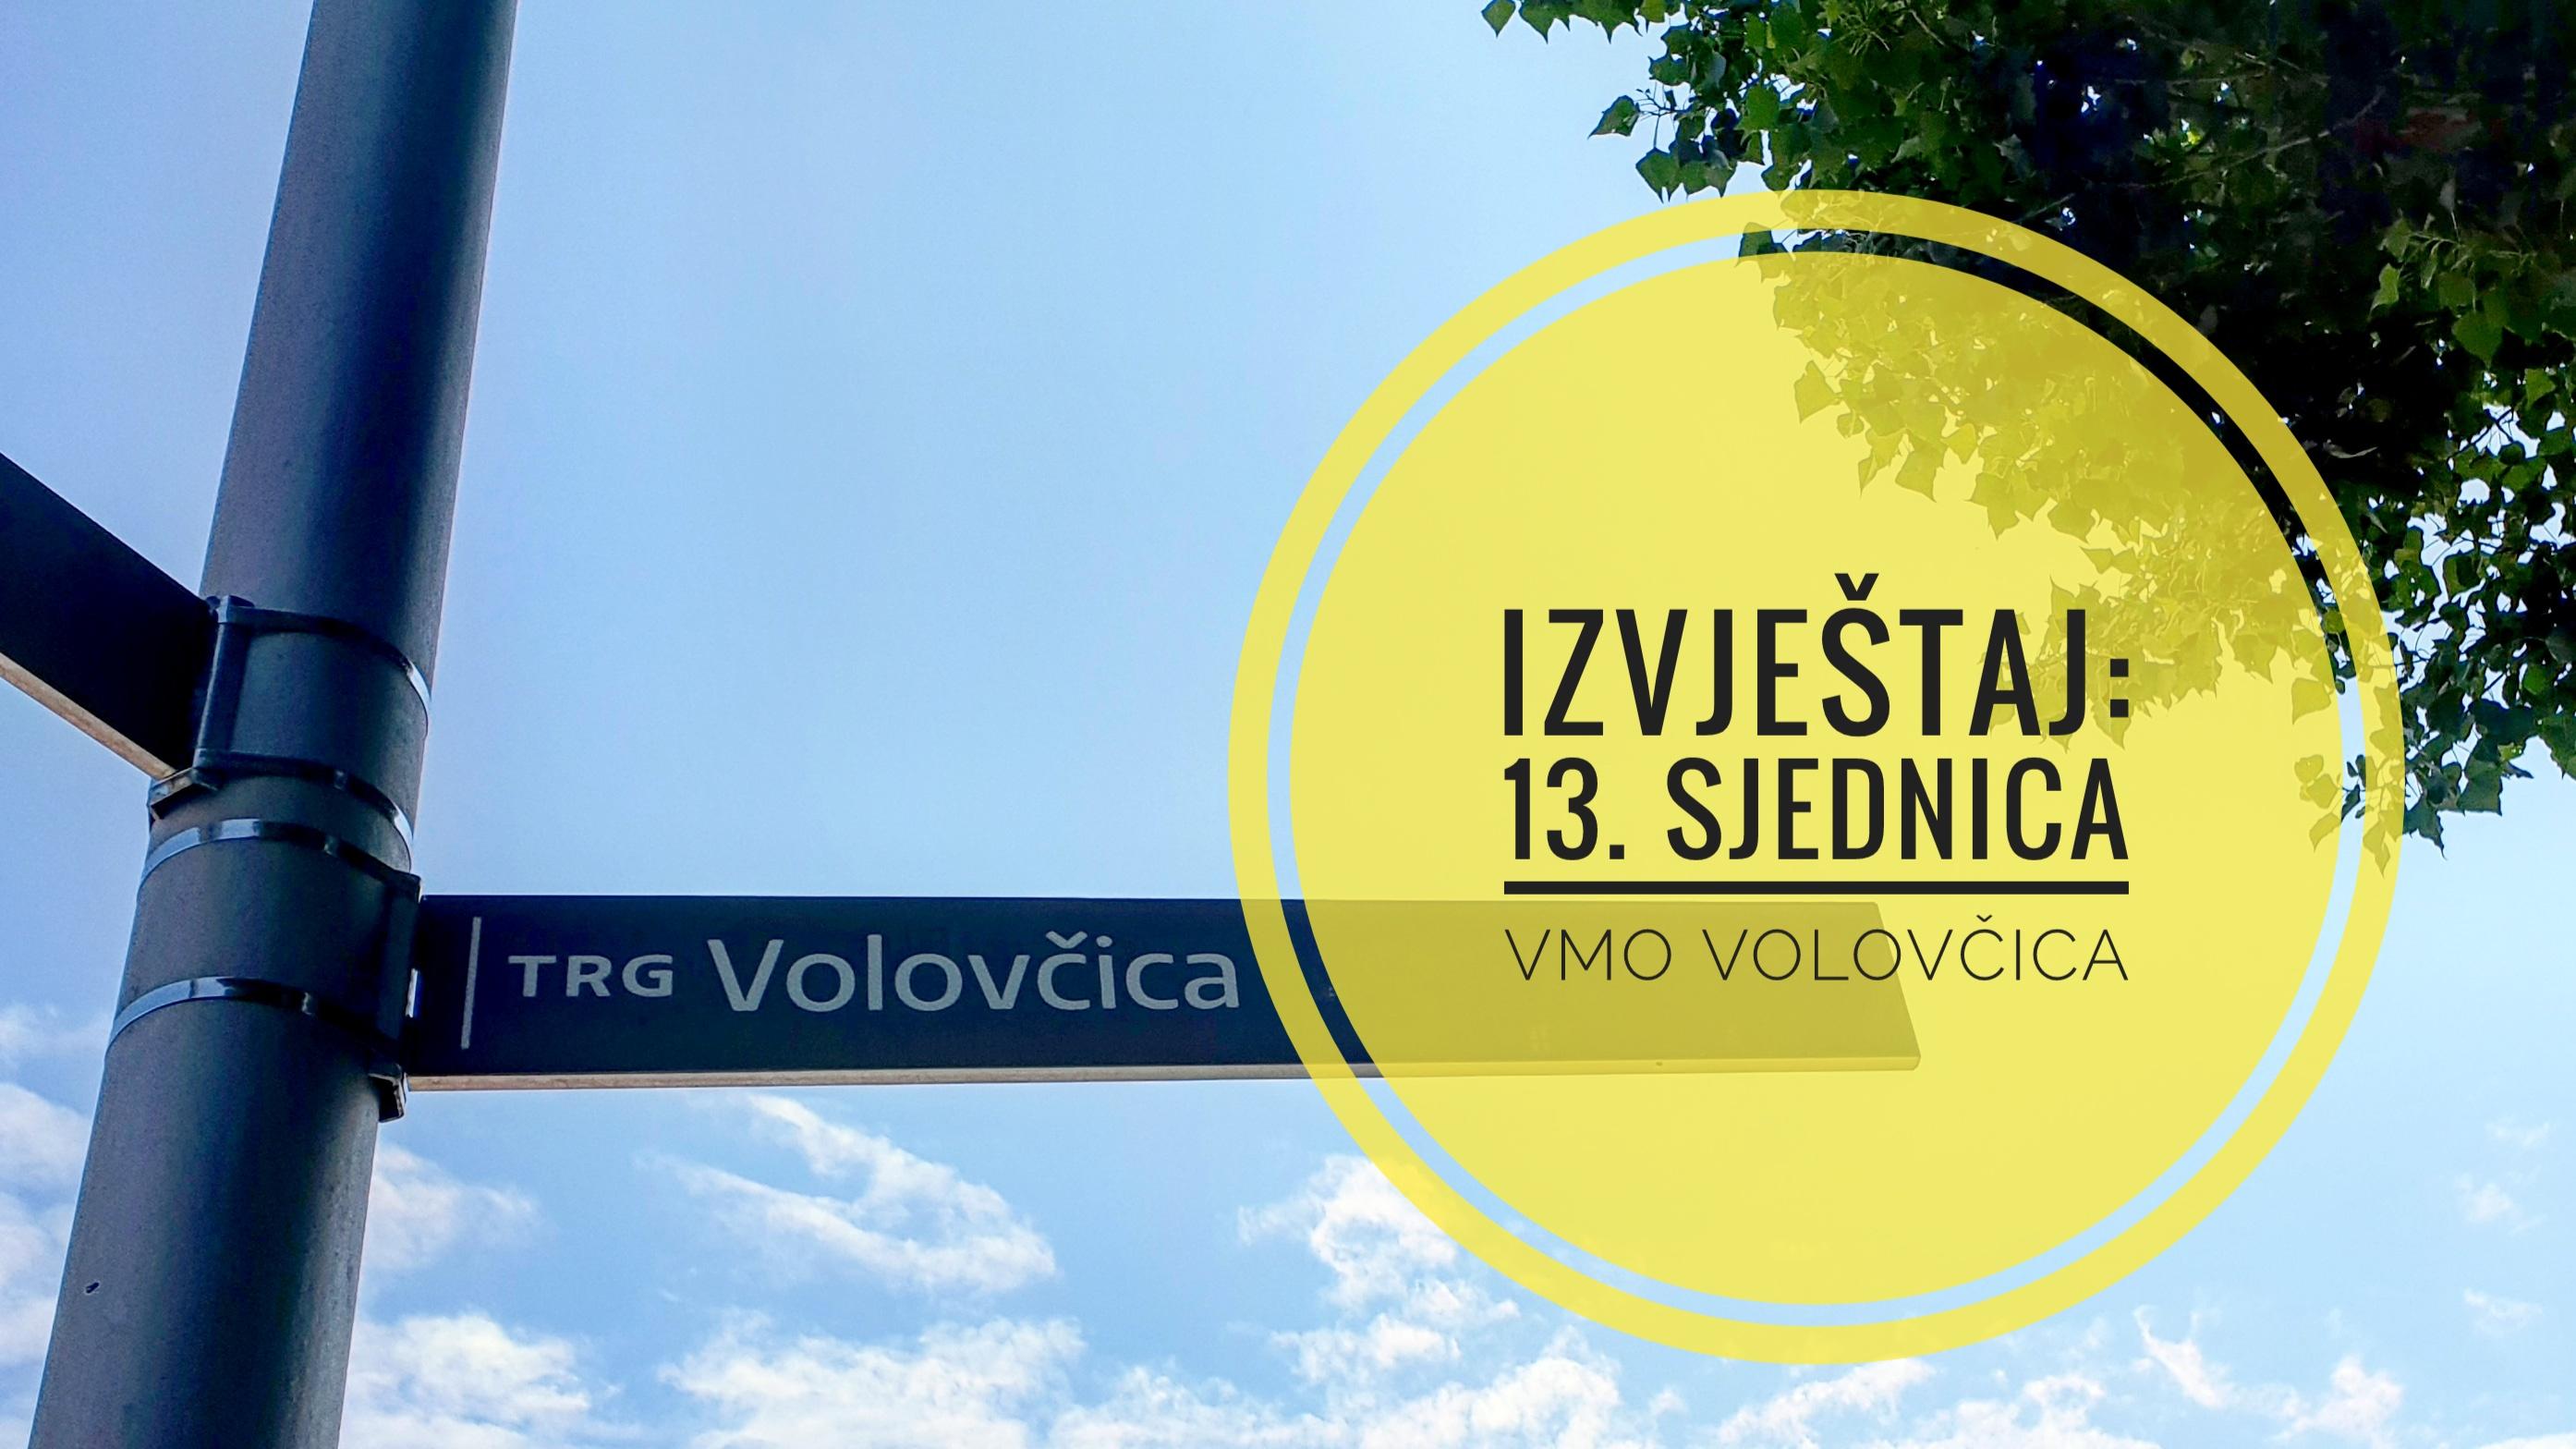 Vijećnik Nikola Zdunić (Zagreb je NAŠ!): Izvještaj s 13. sjednice Vijeća Mjesnog odbora Volovčica